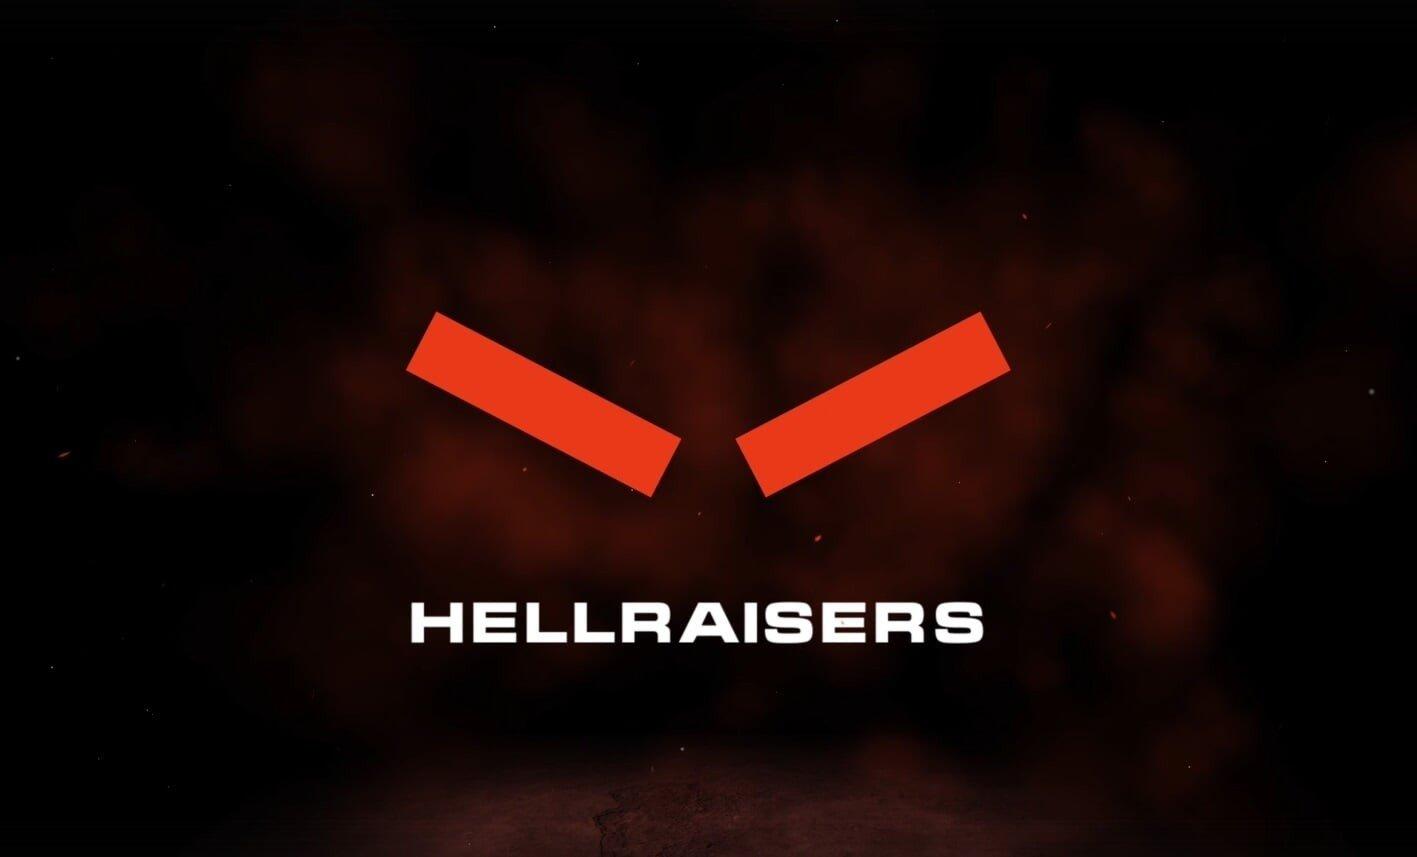 У HellRaisers изменился логотип